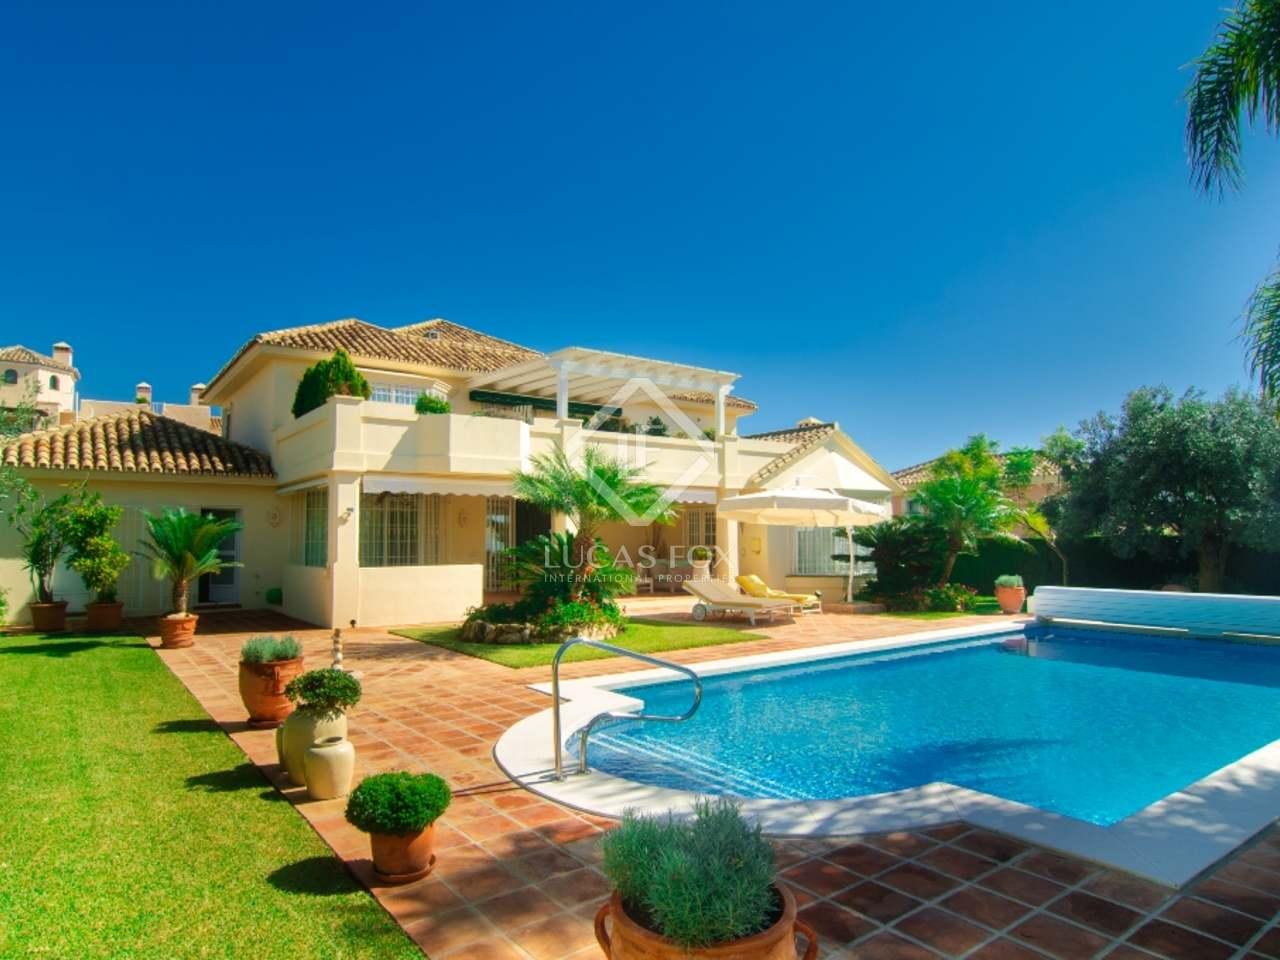 3 Bedroom Villa For Sale In Elviria Marbella